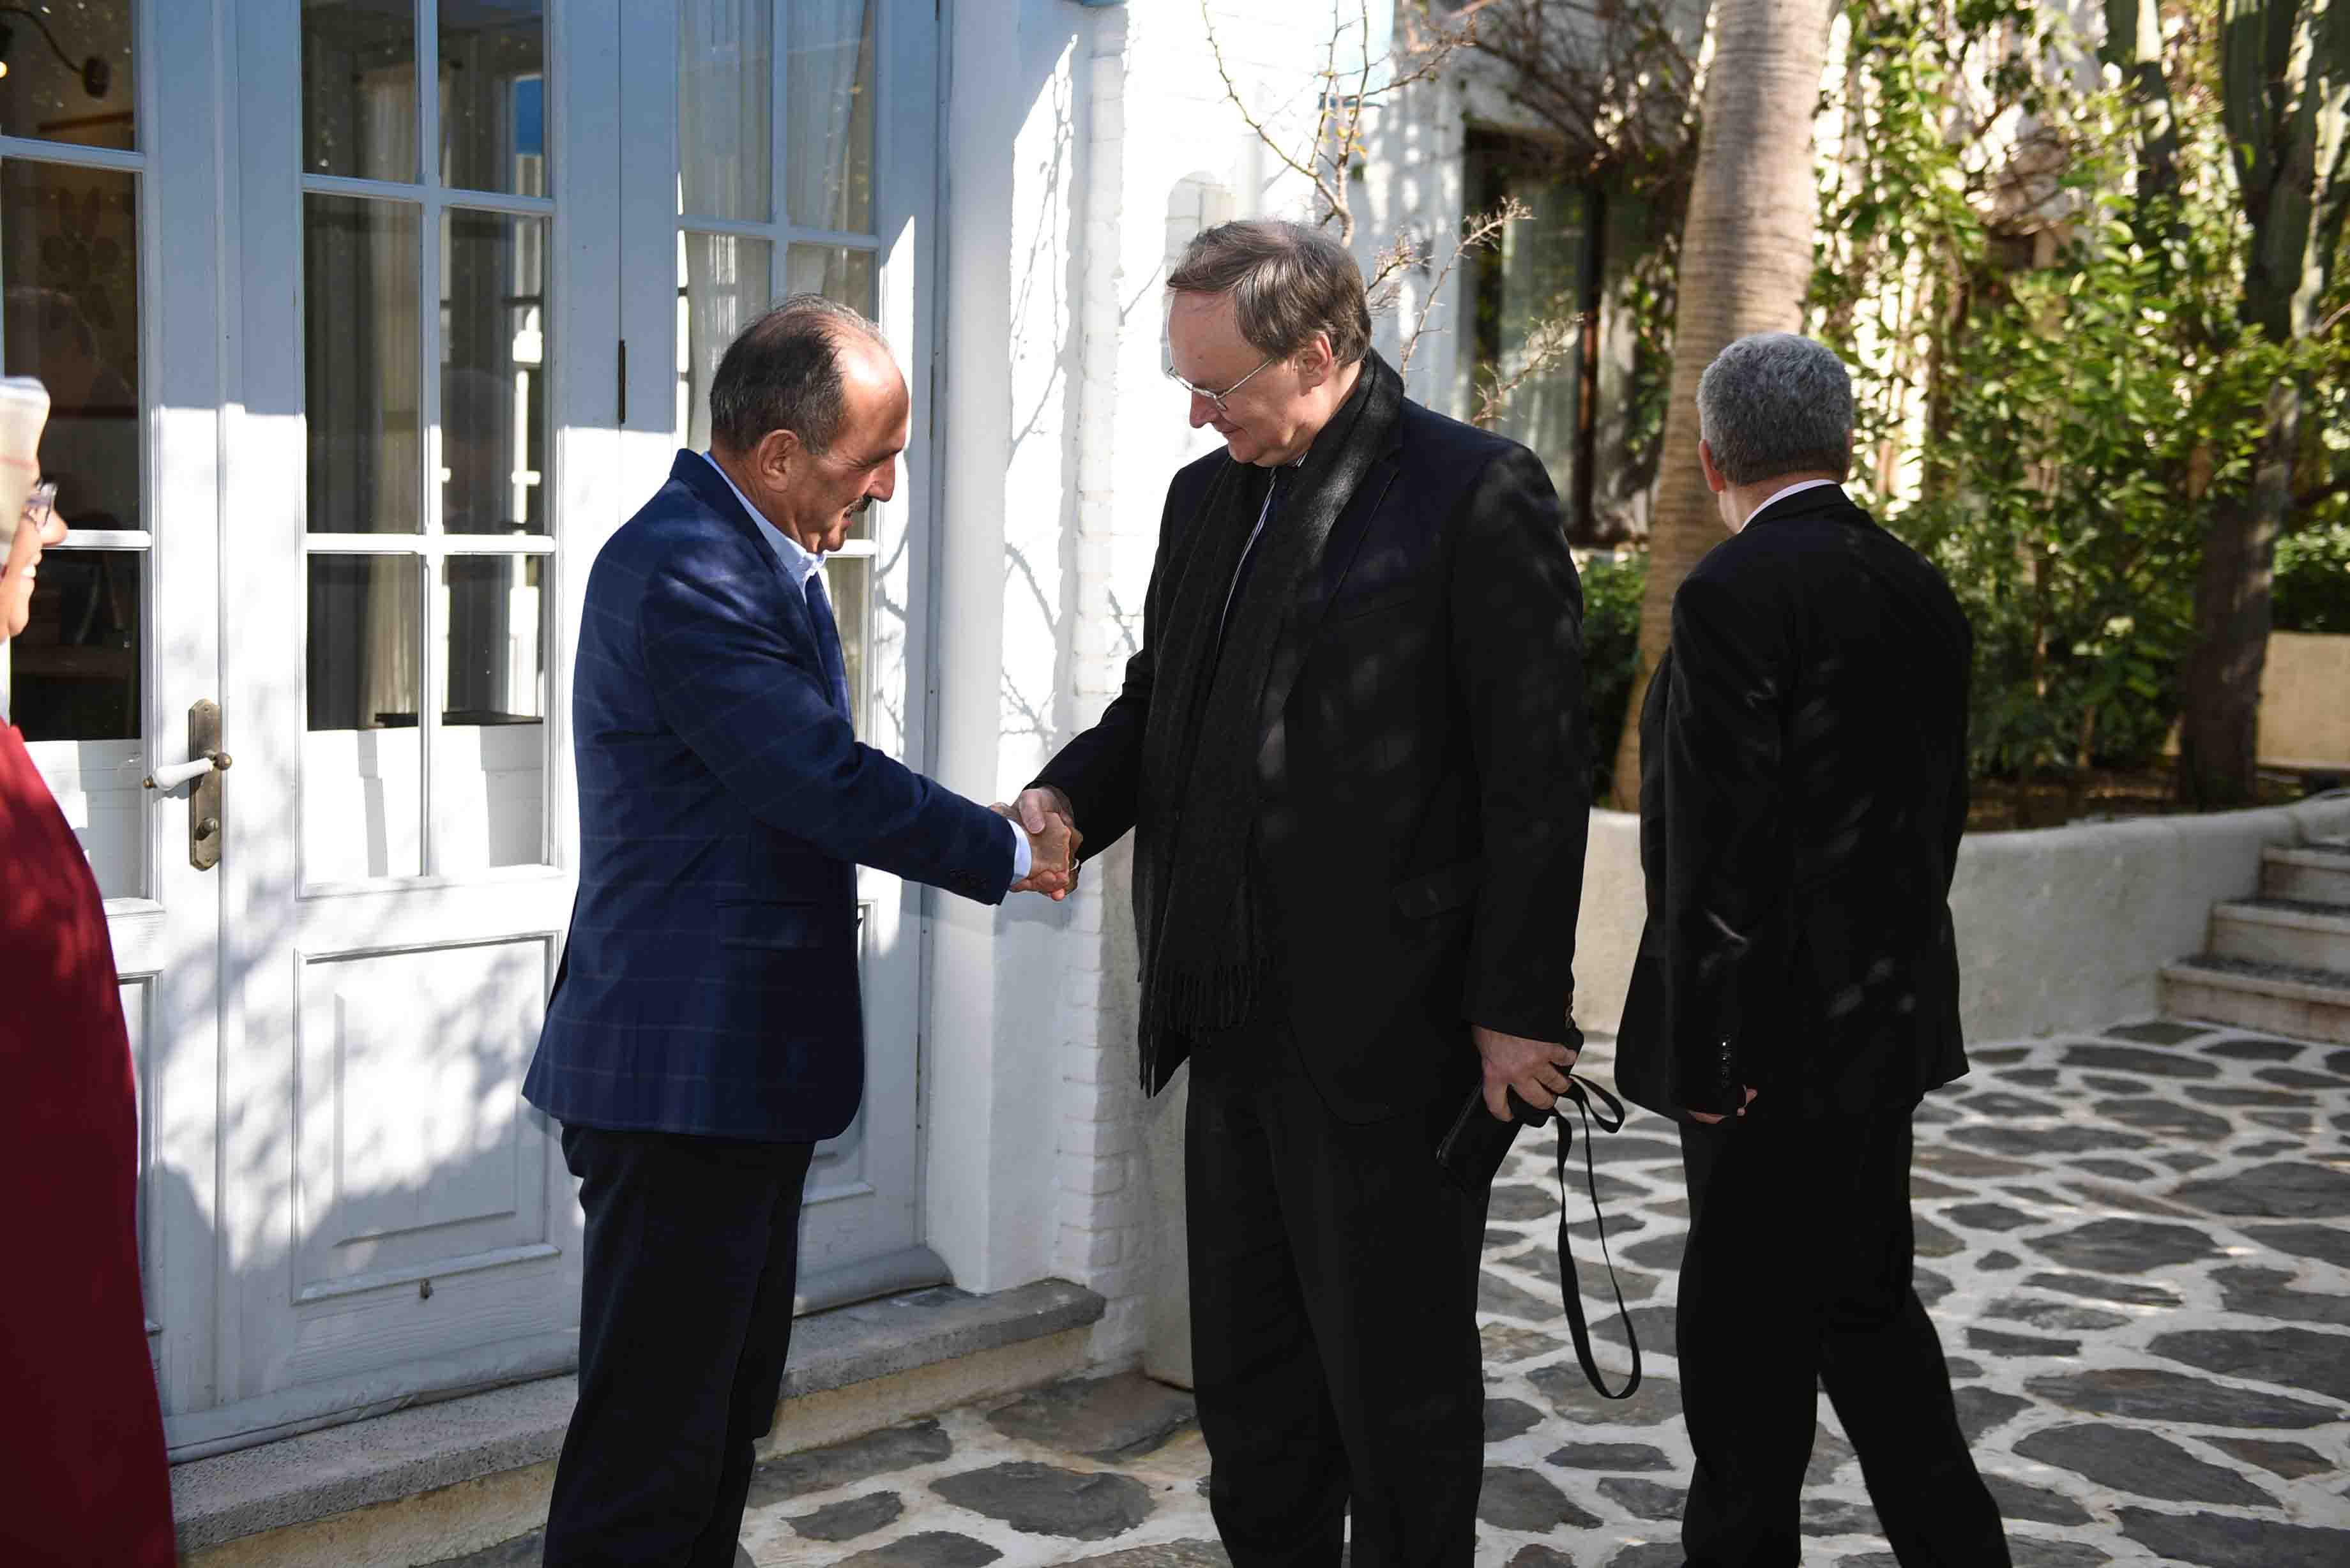 AB Büyükelçisi Berger, Muğla'da Başkan Saatcı ile görüştü